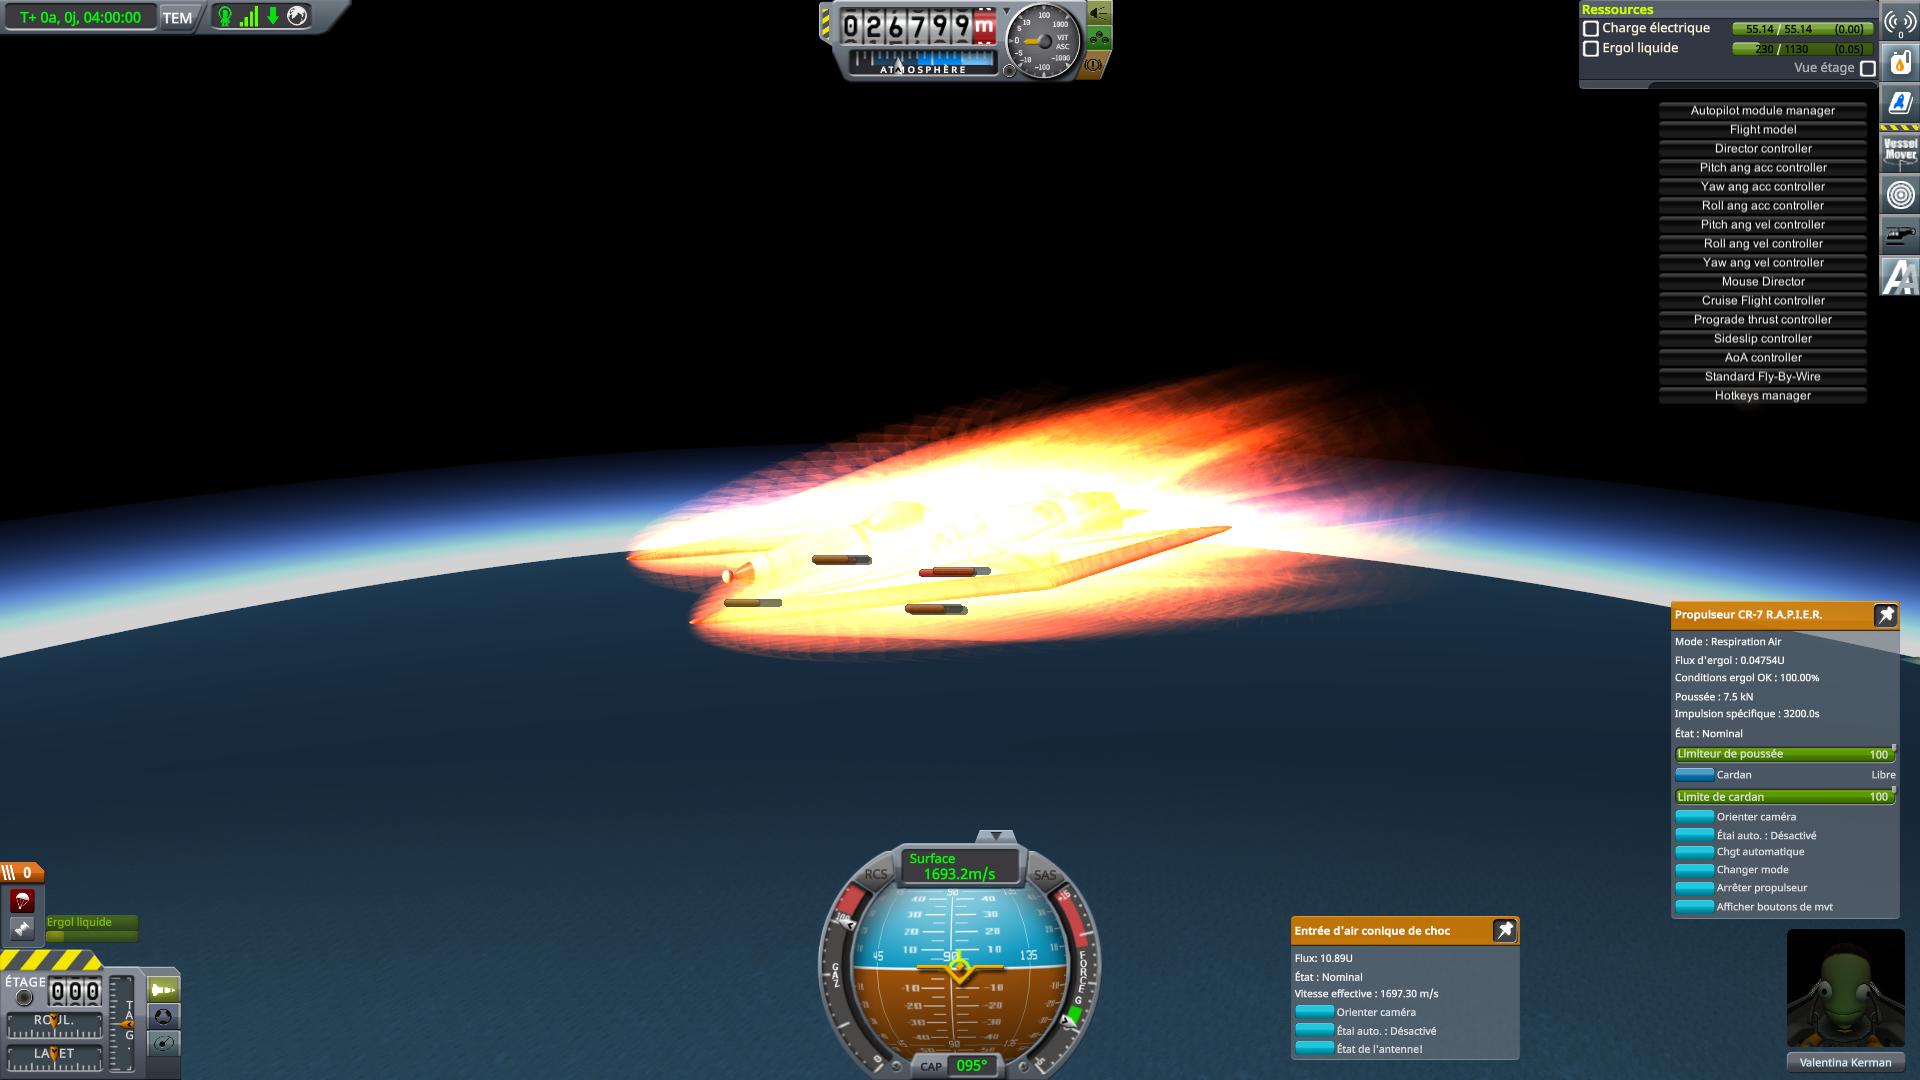 4 heures de vol hypersonique